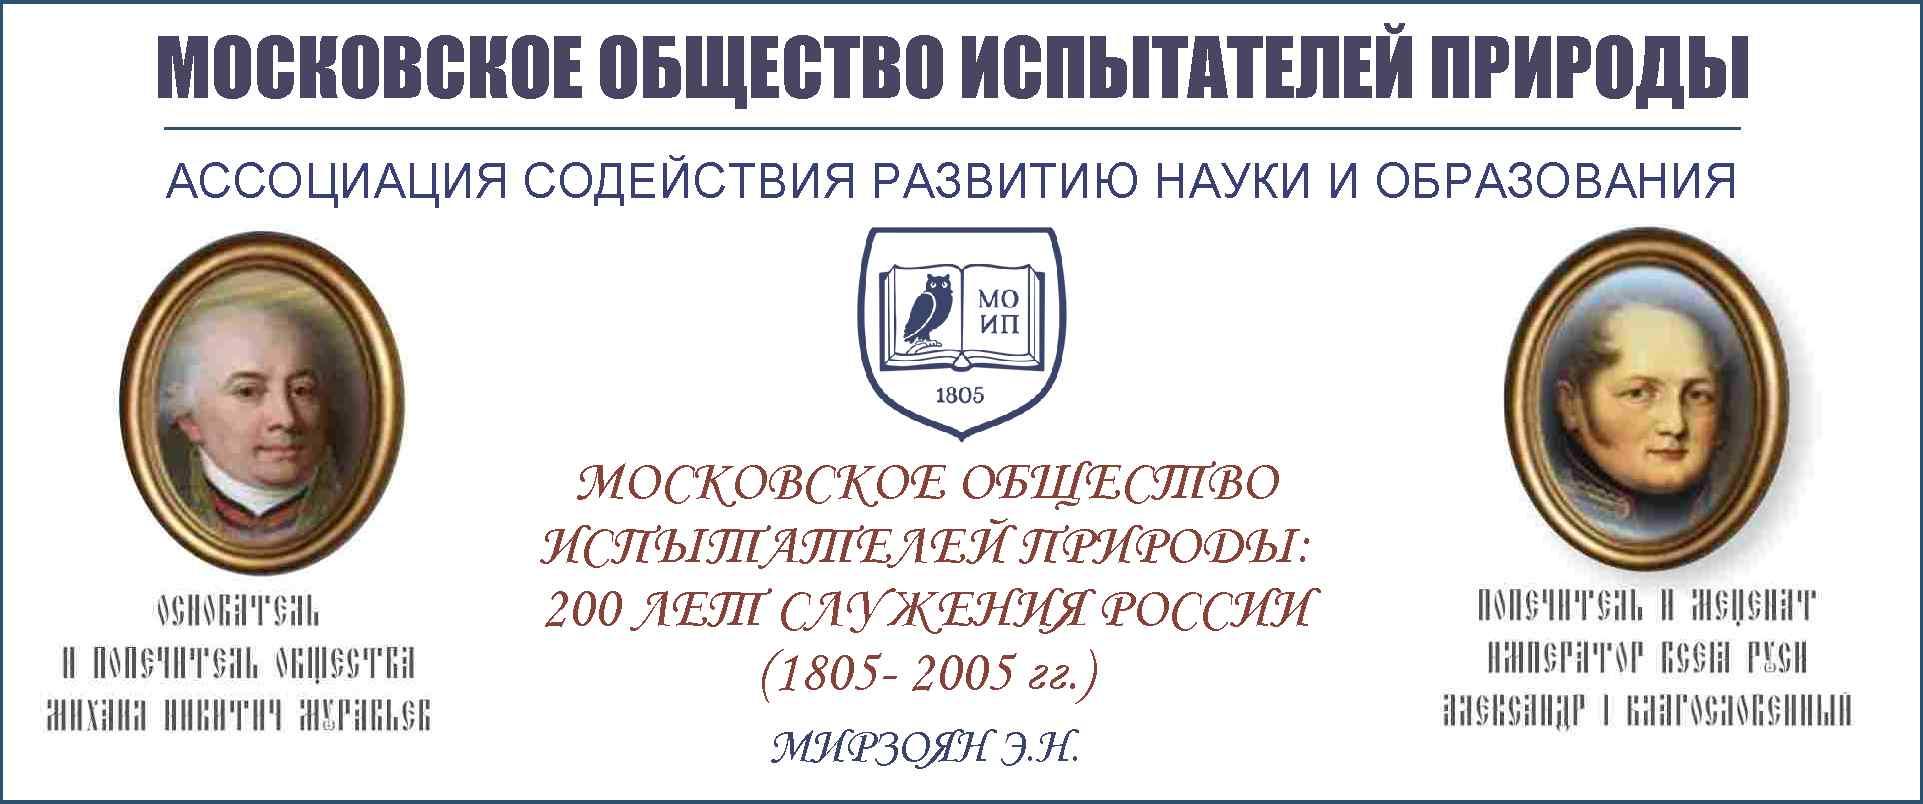 МОСКОВСКОЕ ОБЩЕСТВО ИСПЫТАТЕЛЕЙ ПРИРОДЫ: 200 ЛЕТ СЛУЖЕНИЯ РОССИИ (1805- 2005 ГГ.)